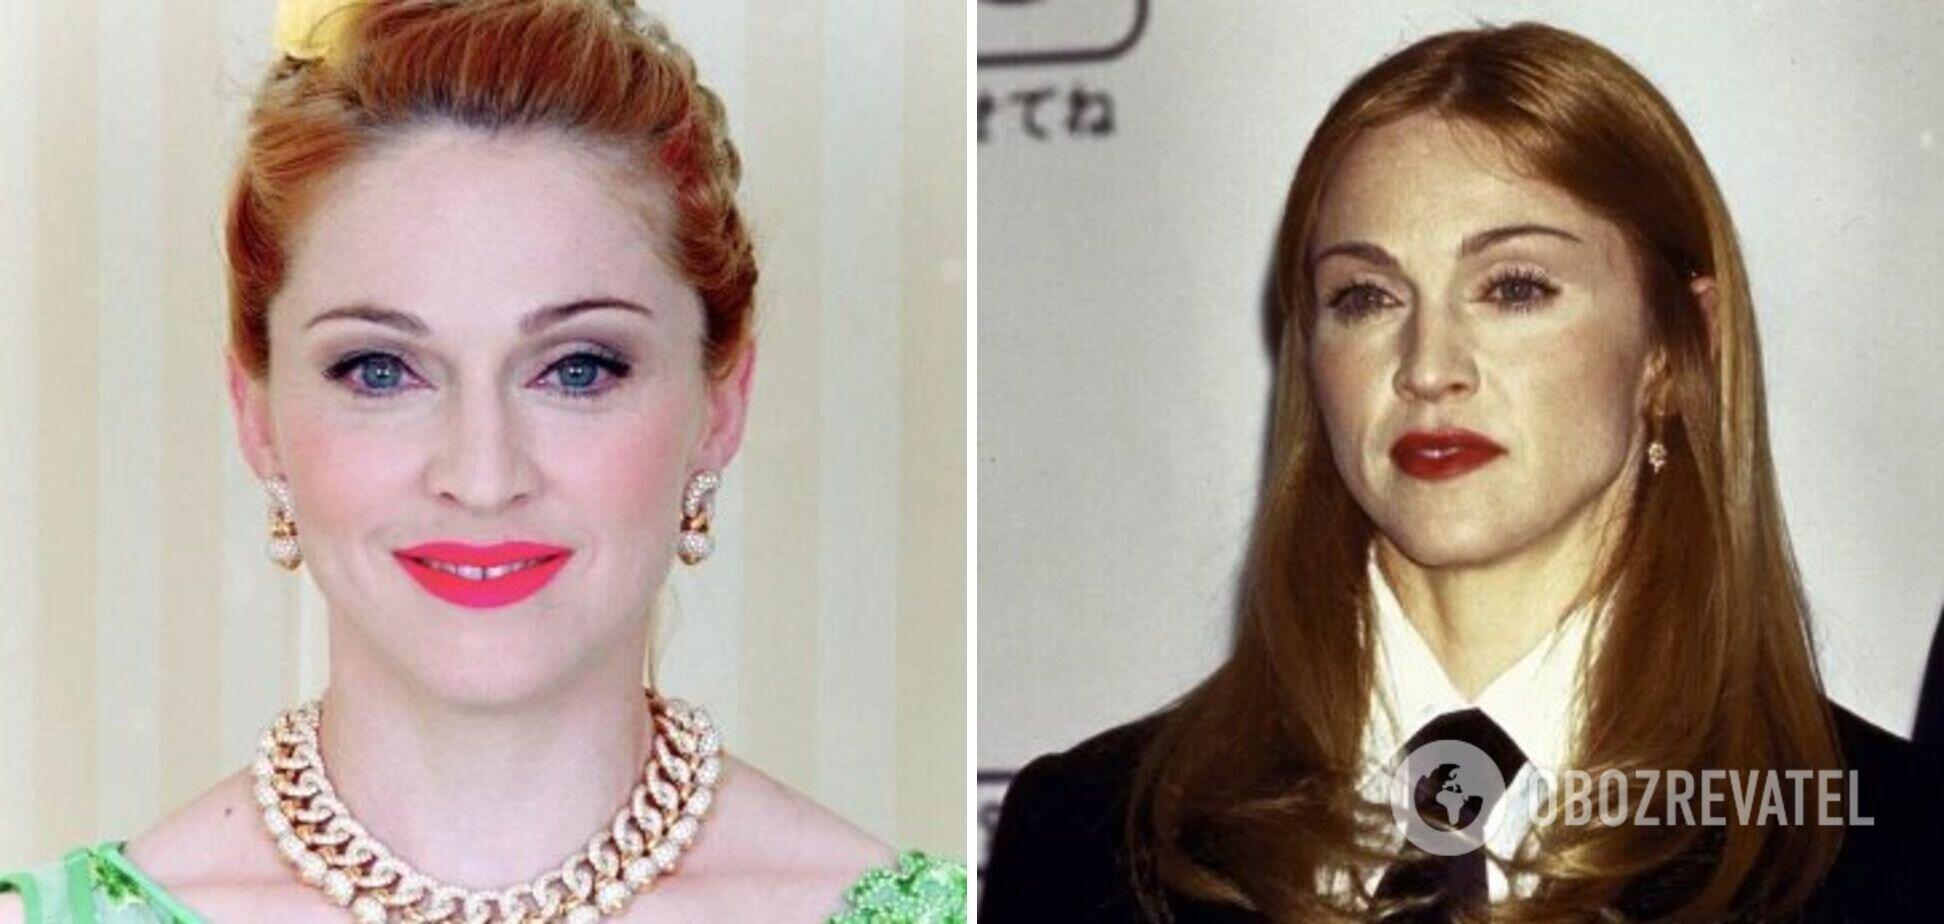 Мадонна несколько лет была с рыжим цветом волос